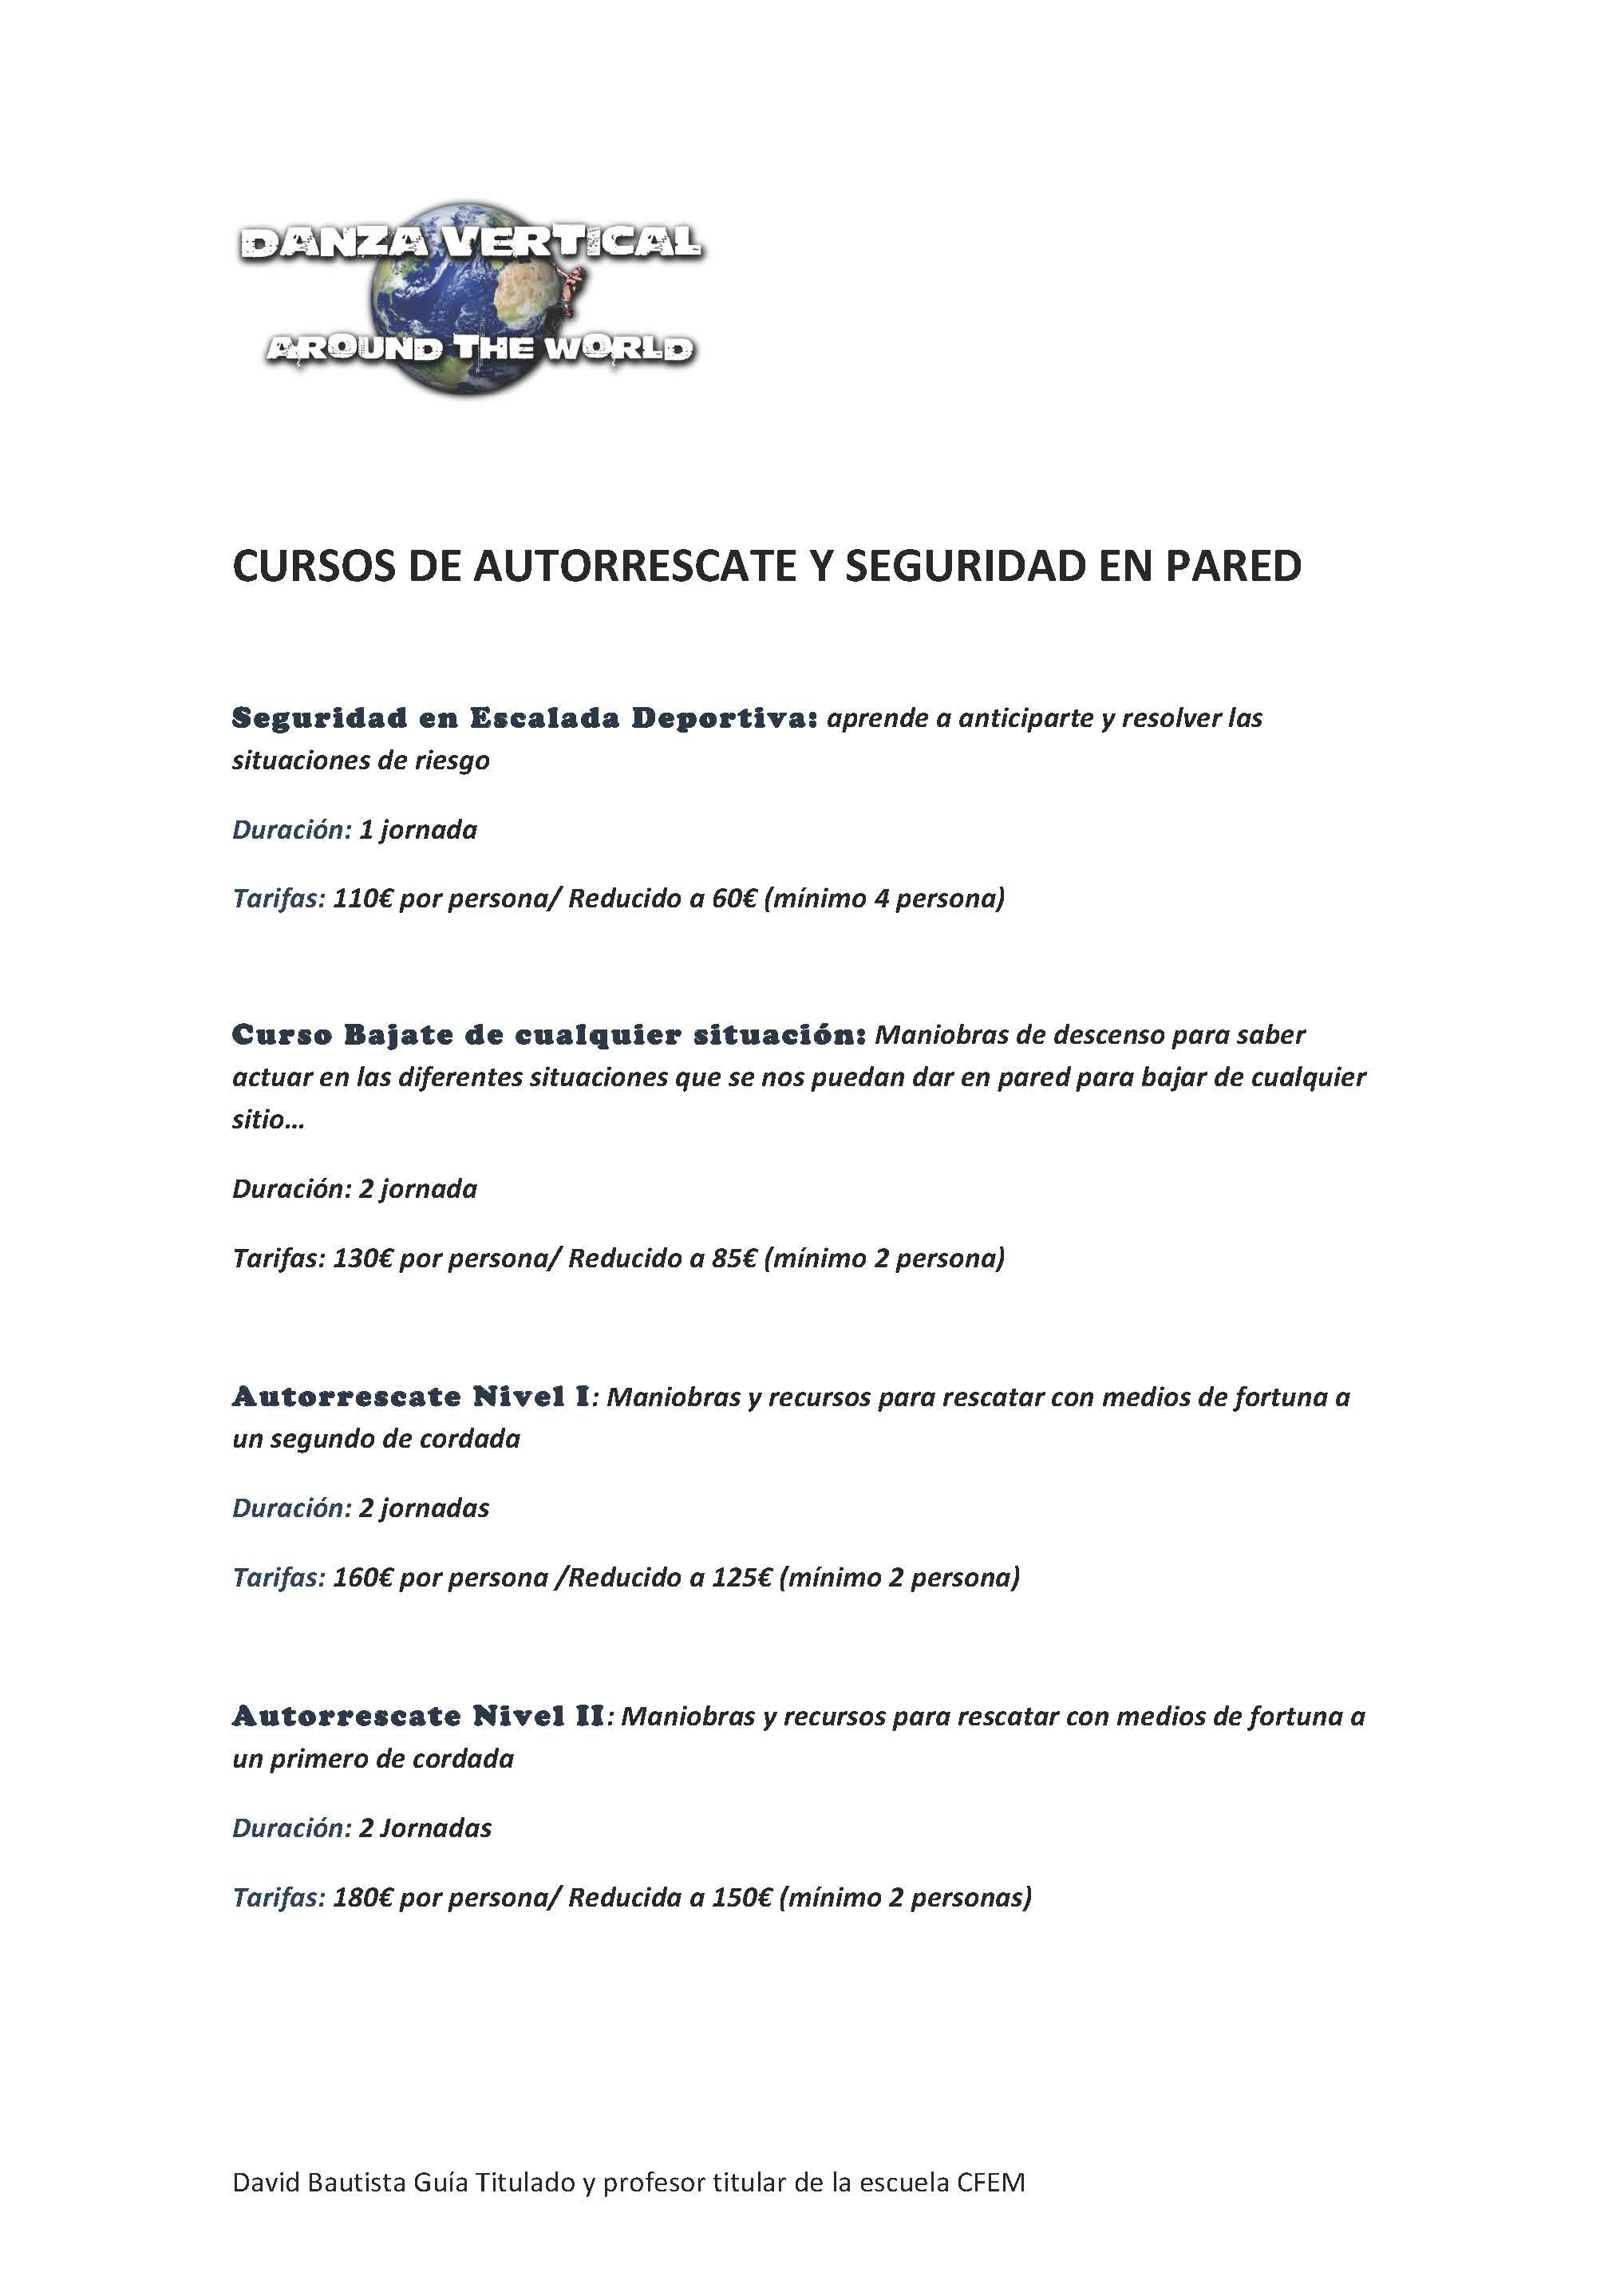 Cursos escalada UPM_Page_2